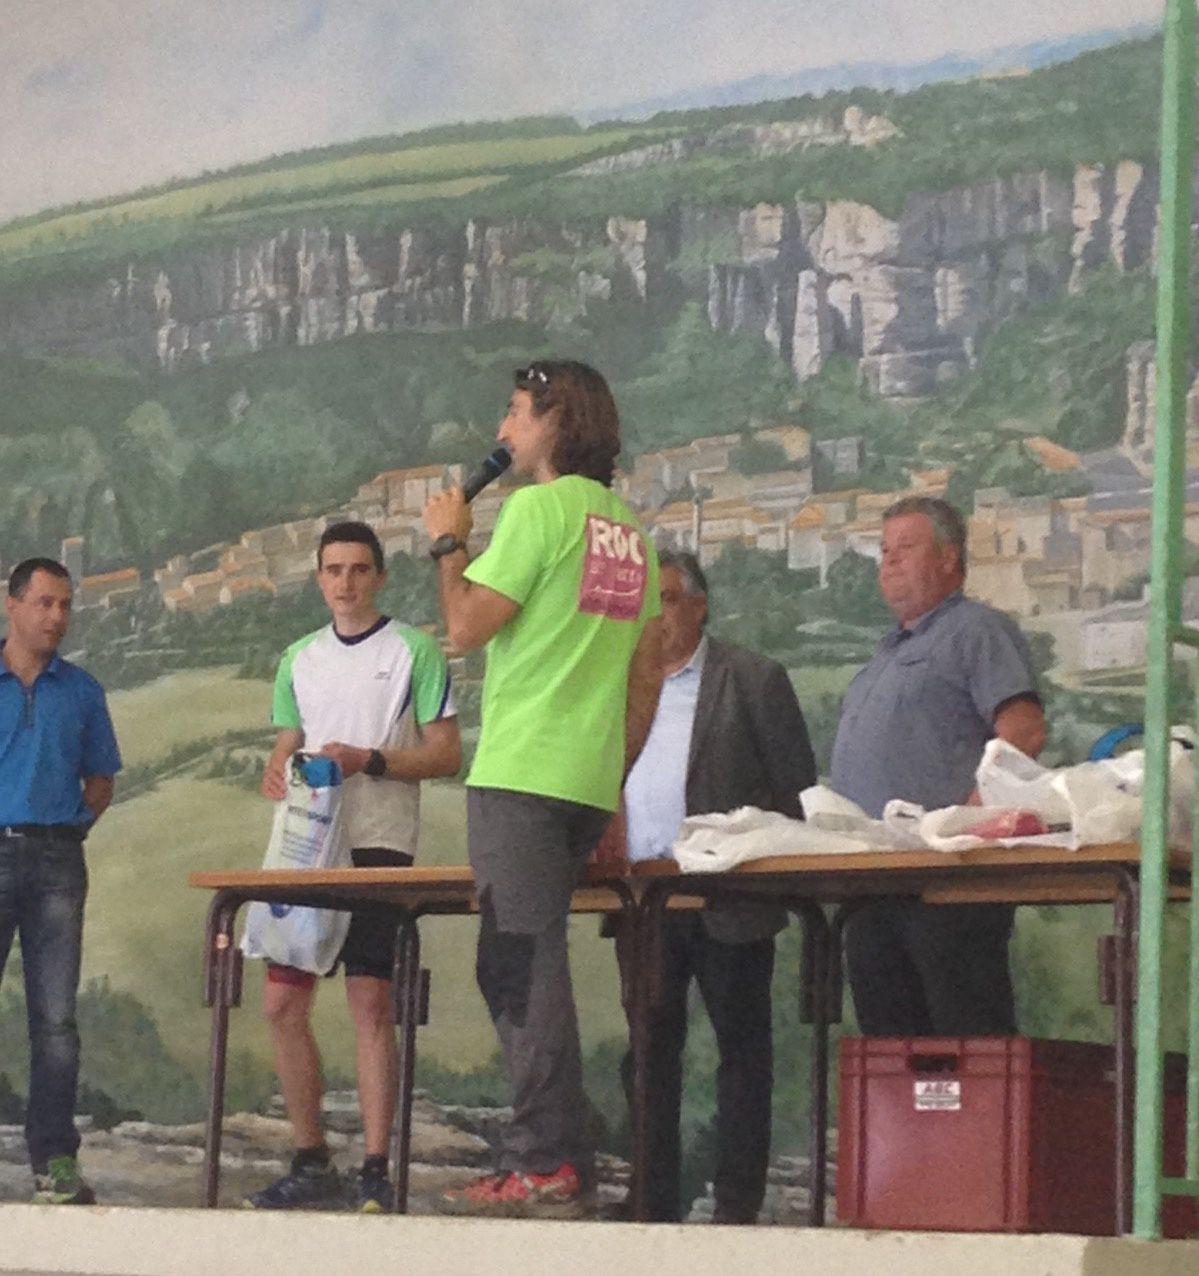 [Manifestation] Roq'Rando Rail à Roquefort : Remise de prix de la Ronde des Cabanières